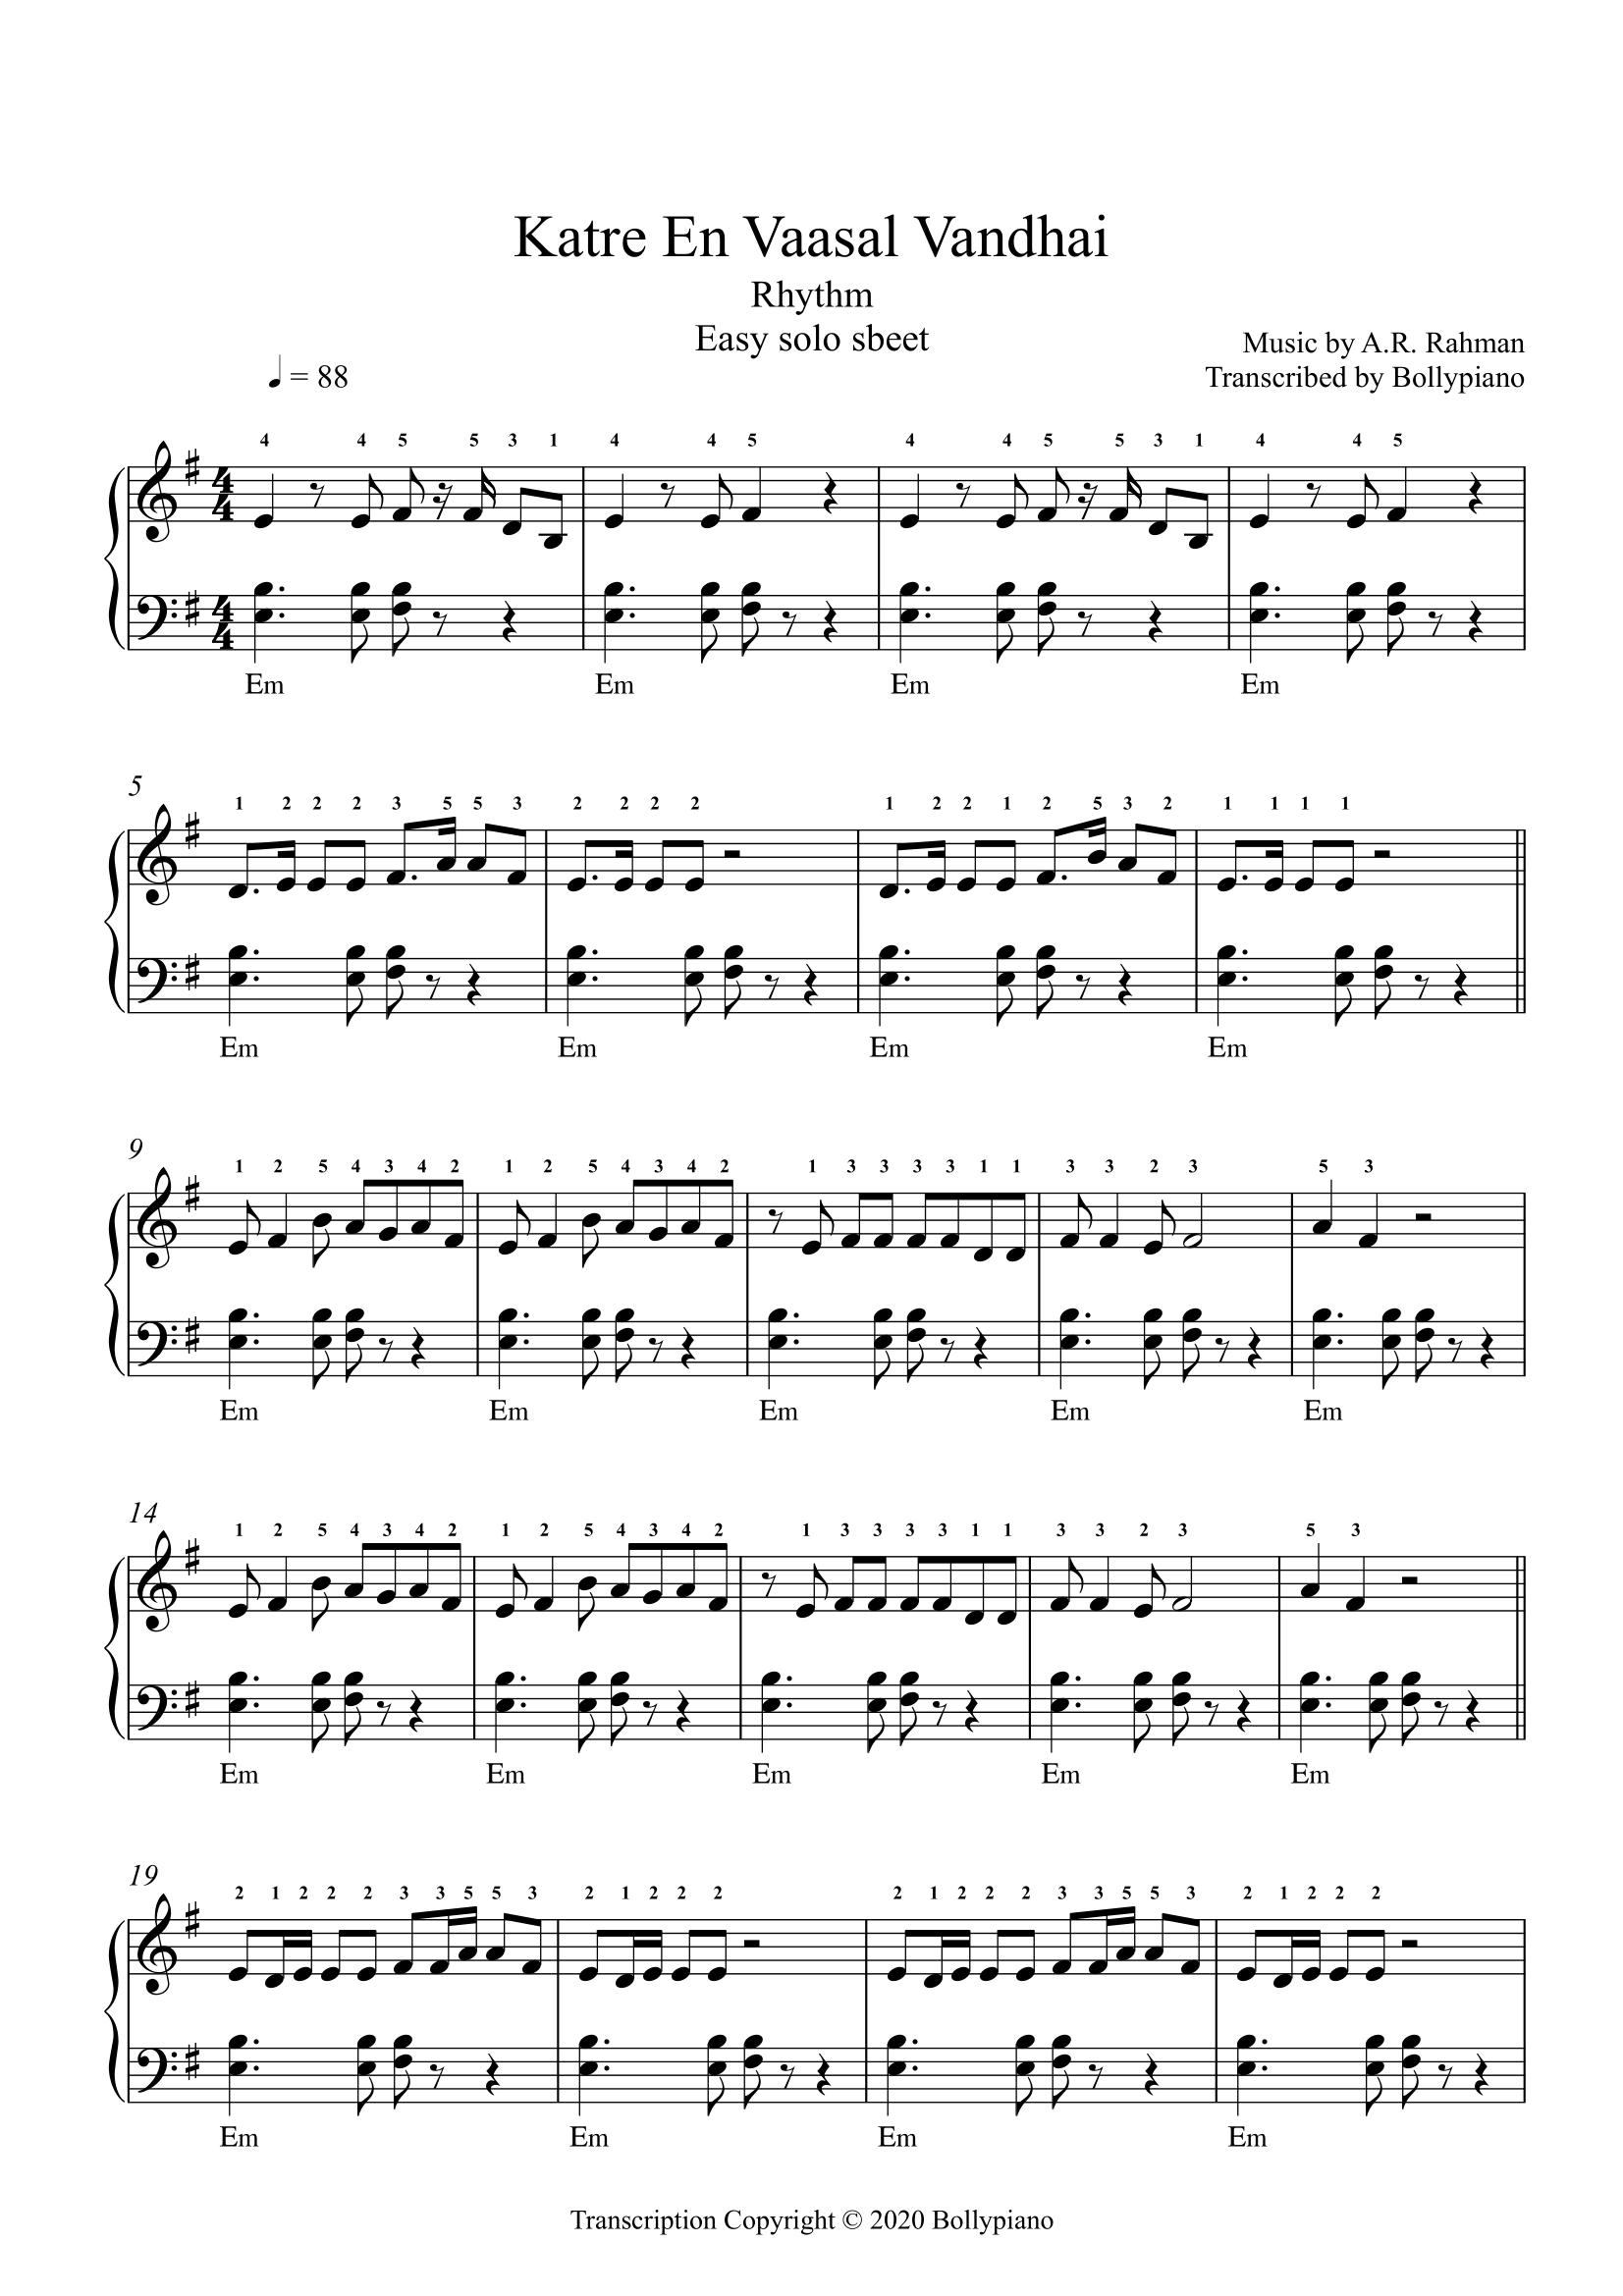 Katre En Vaasal Vandhai Easy Piano Notes Rhythm Bollypiano In 2020 Easy Piano Violin Sheet Music Piano Tutorial